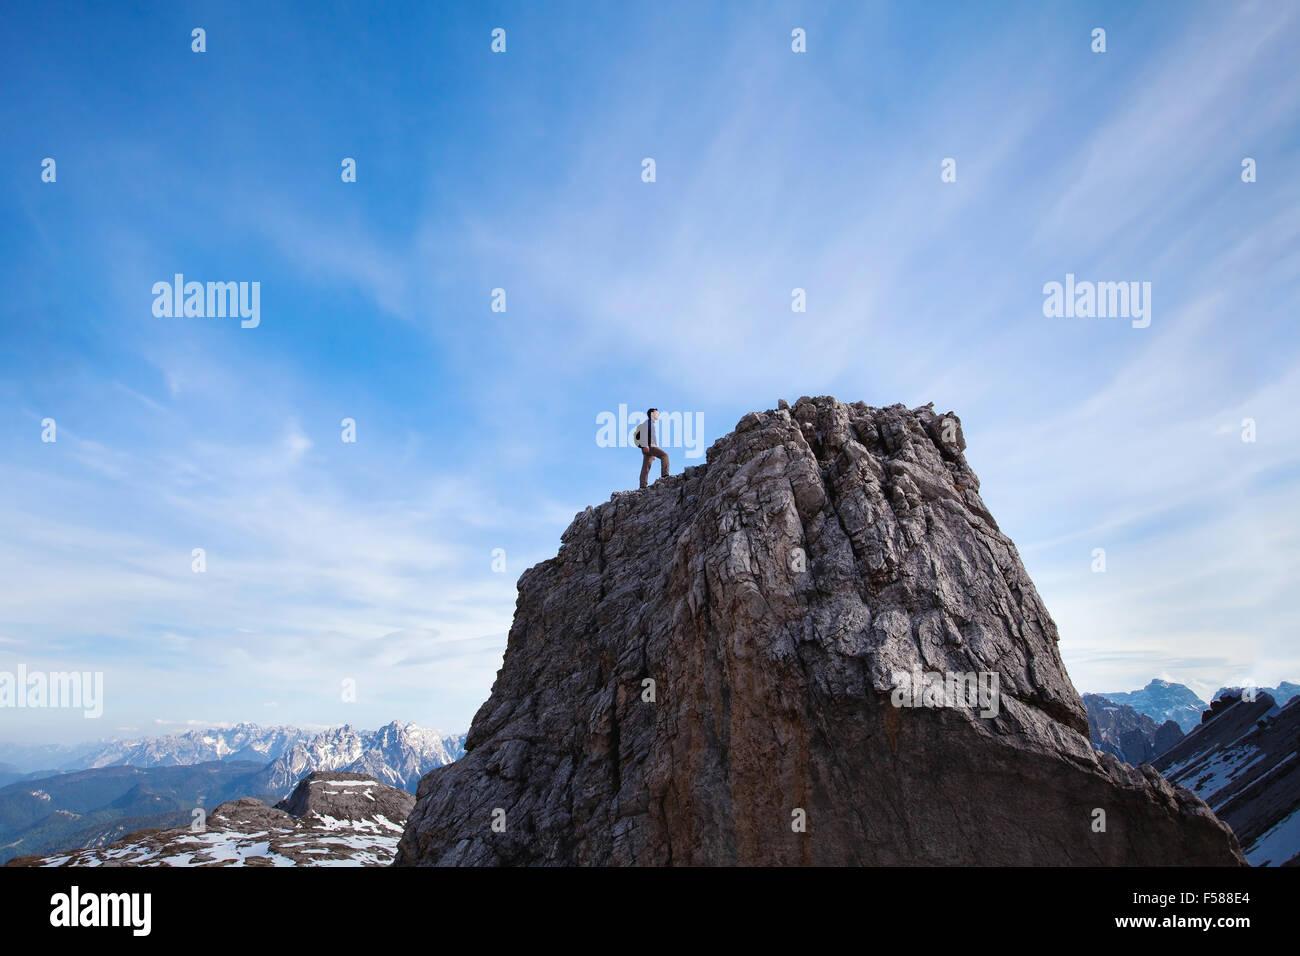 Realizzazione concetto, scalatore sulla cima della montagna Immagini Stock